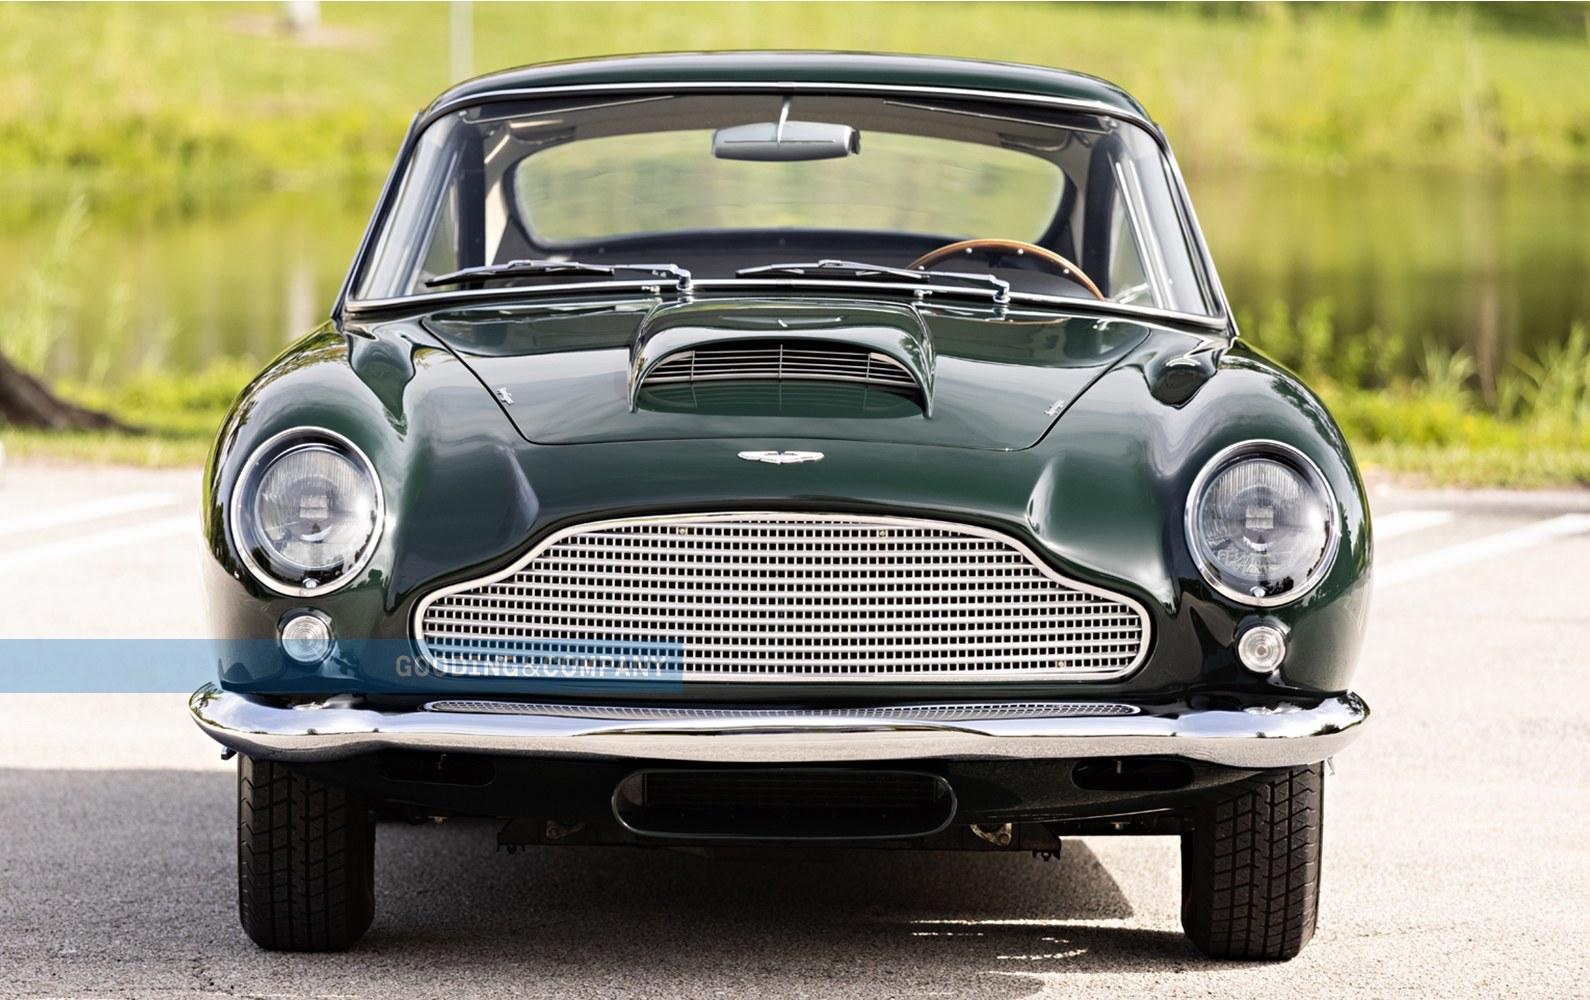 Aston_Martin_DB4_GT_sale-0006